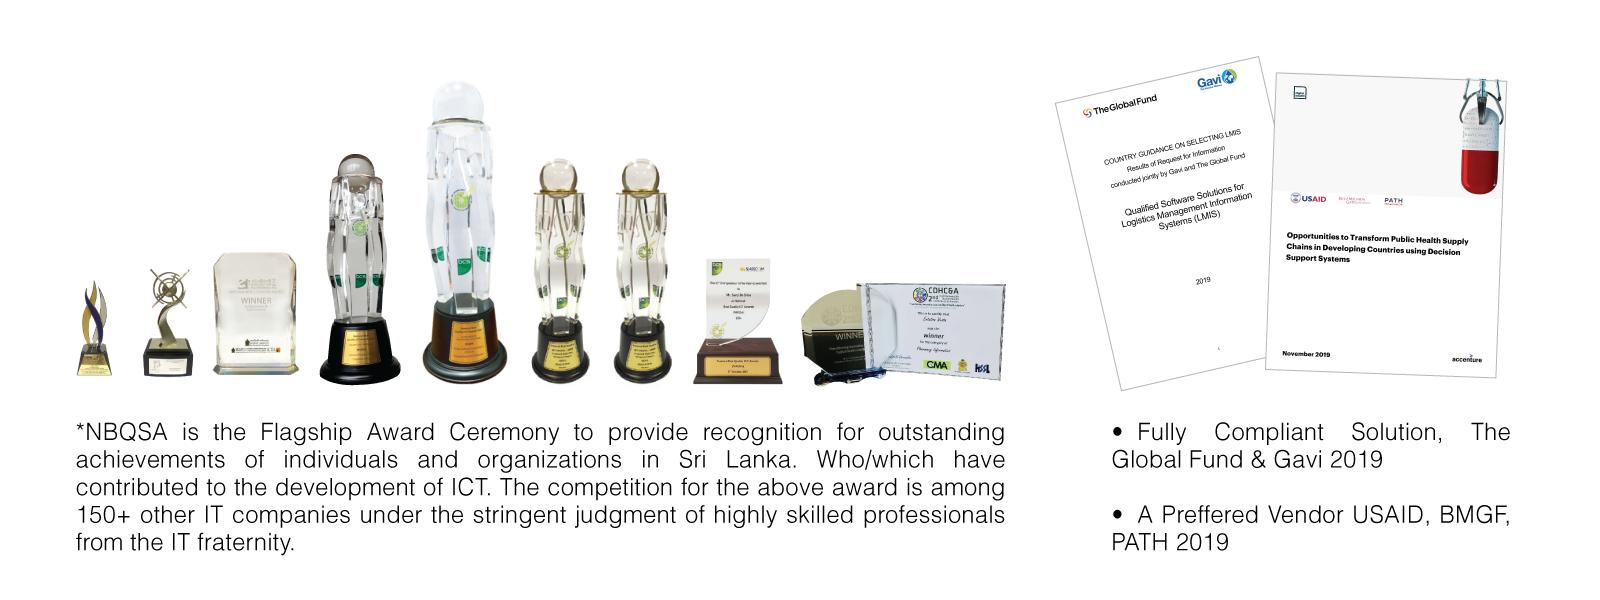 Entution Vesta Awards